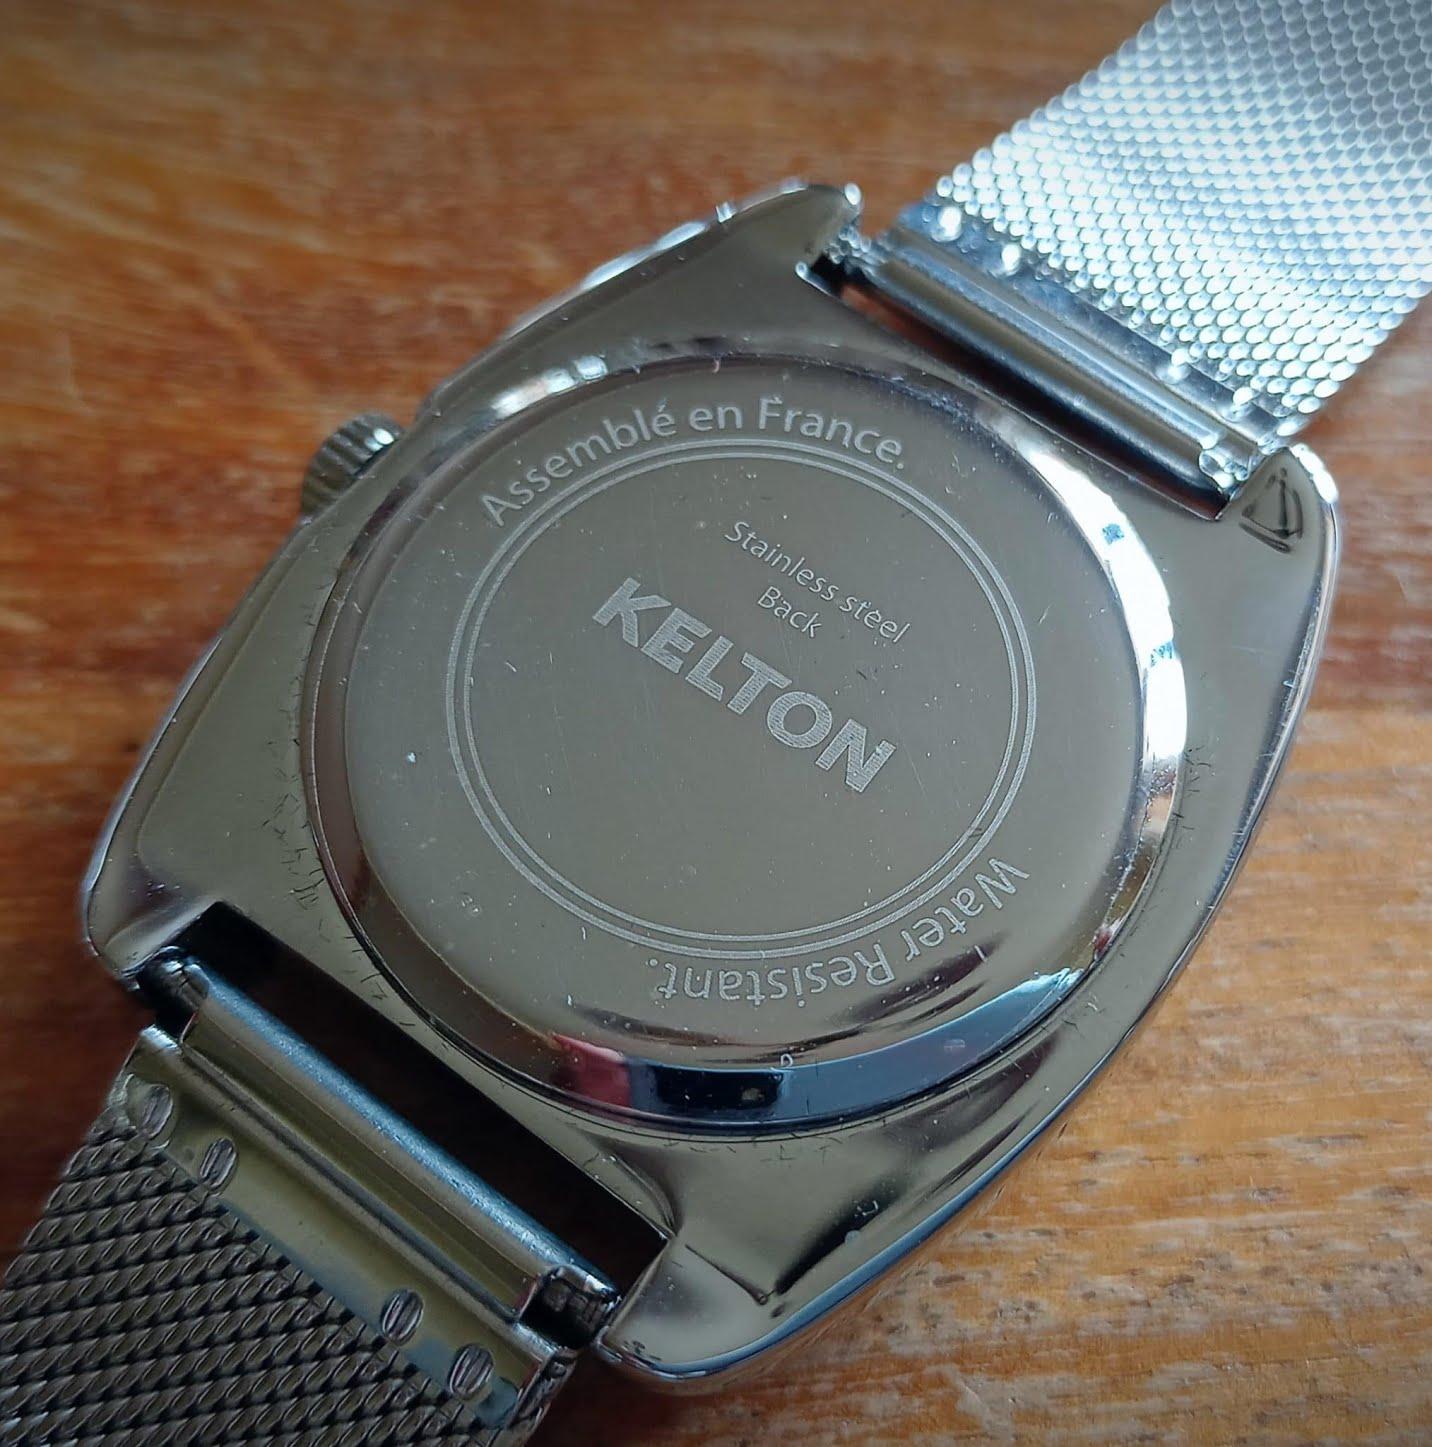 Kelton - montre assemblée en France